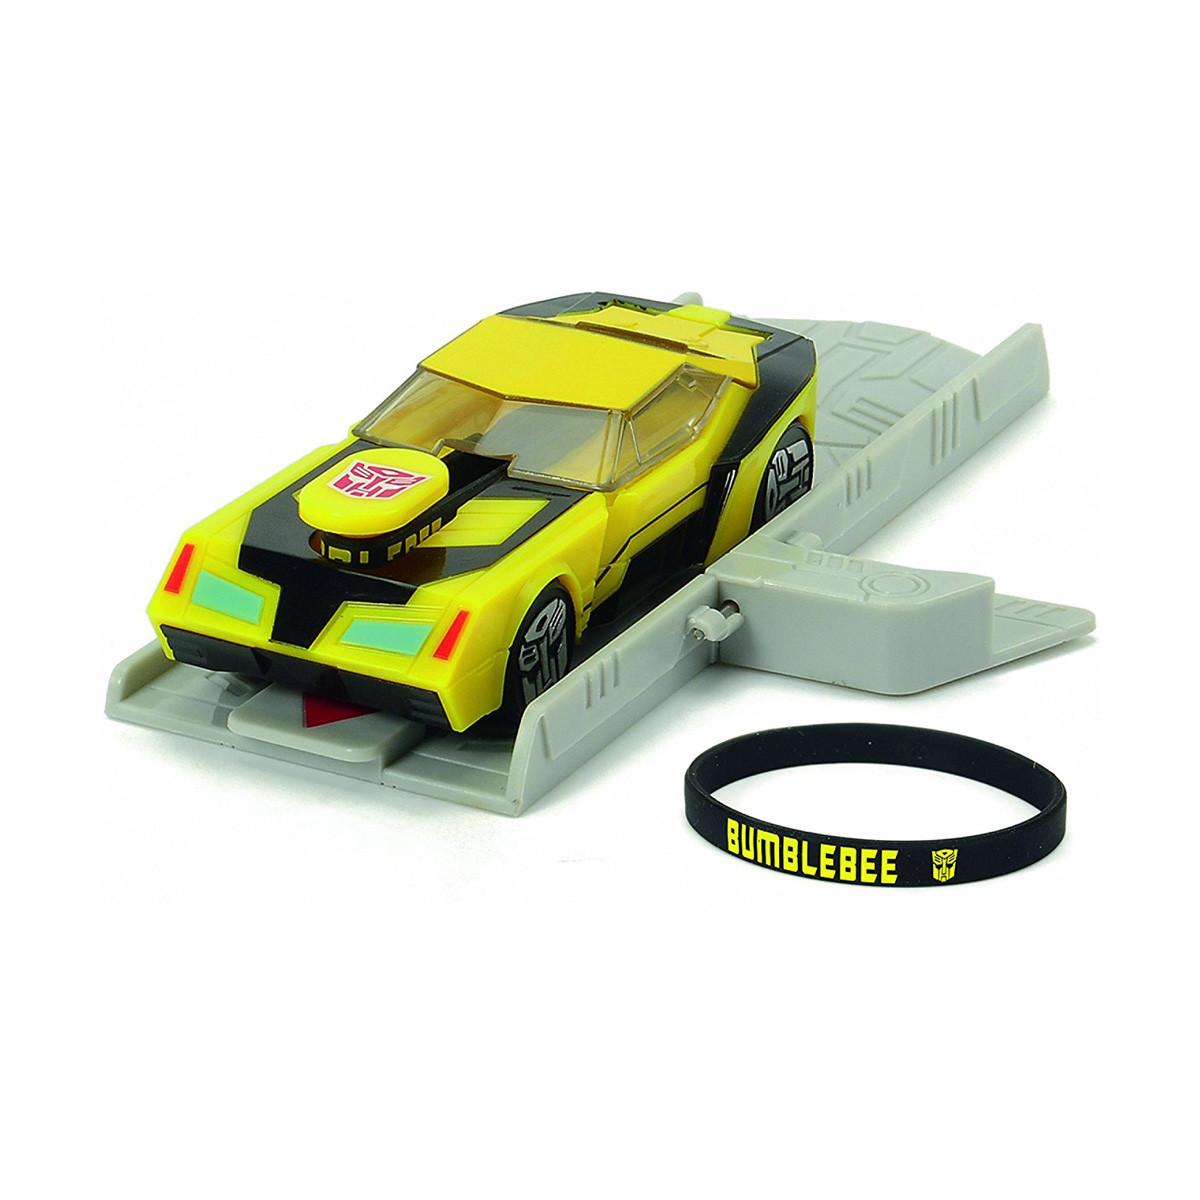 Автомобиль Трансформер. Миссия Бамблби с пусковой платформой, 11 см «Dickie Toys» (3112001)